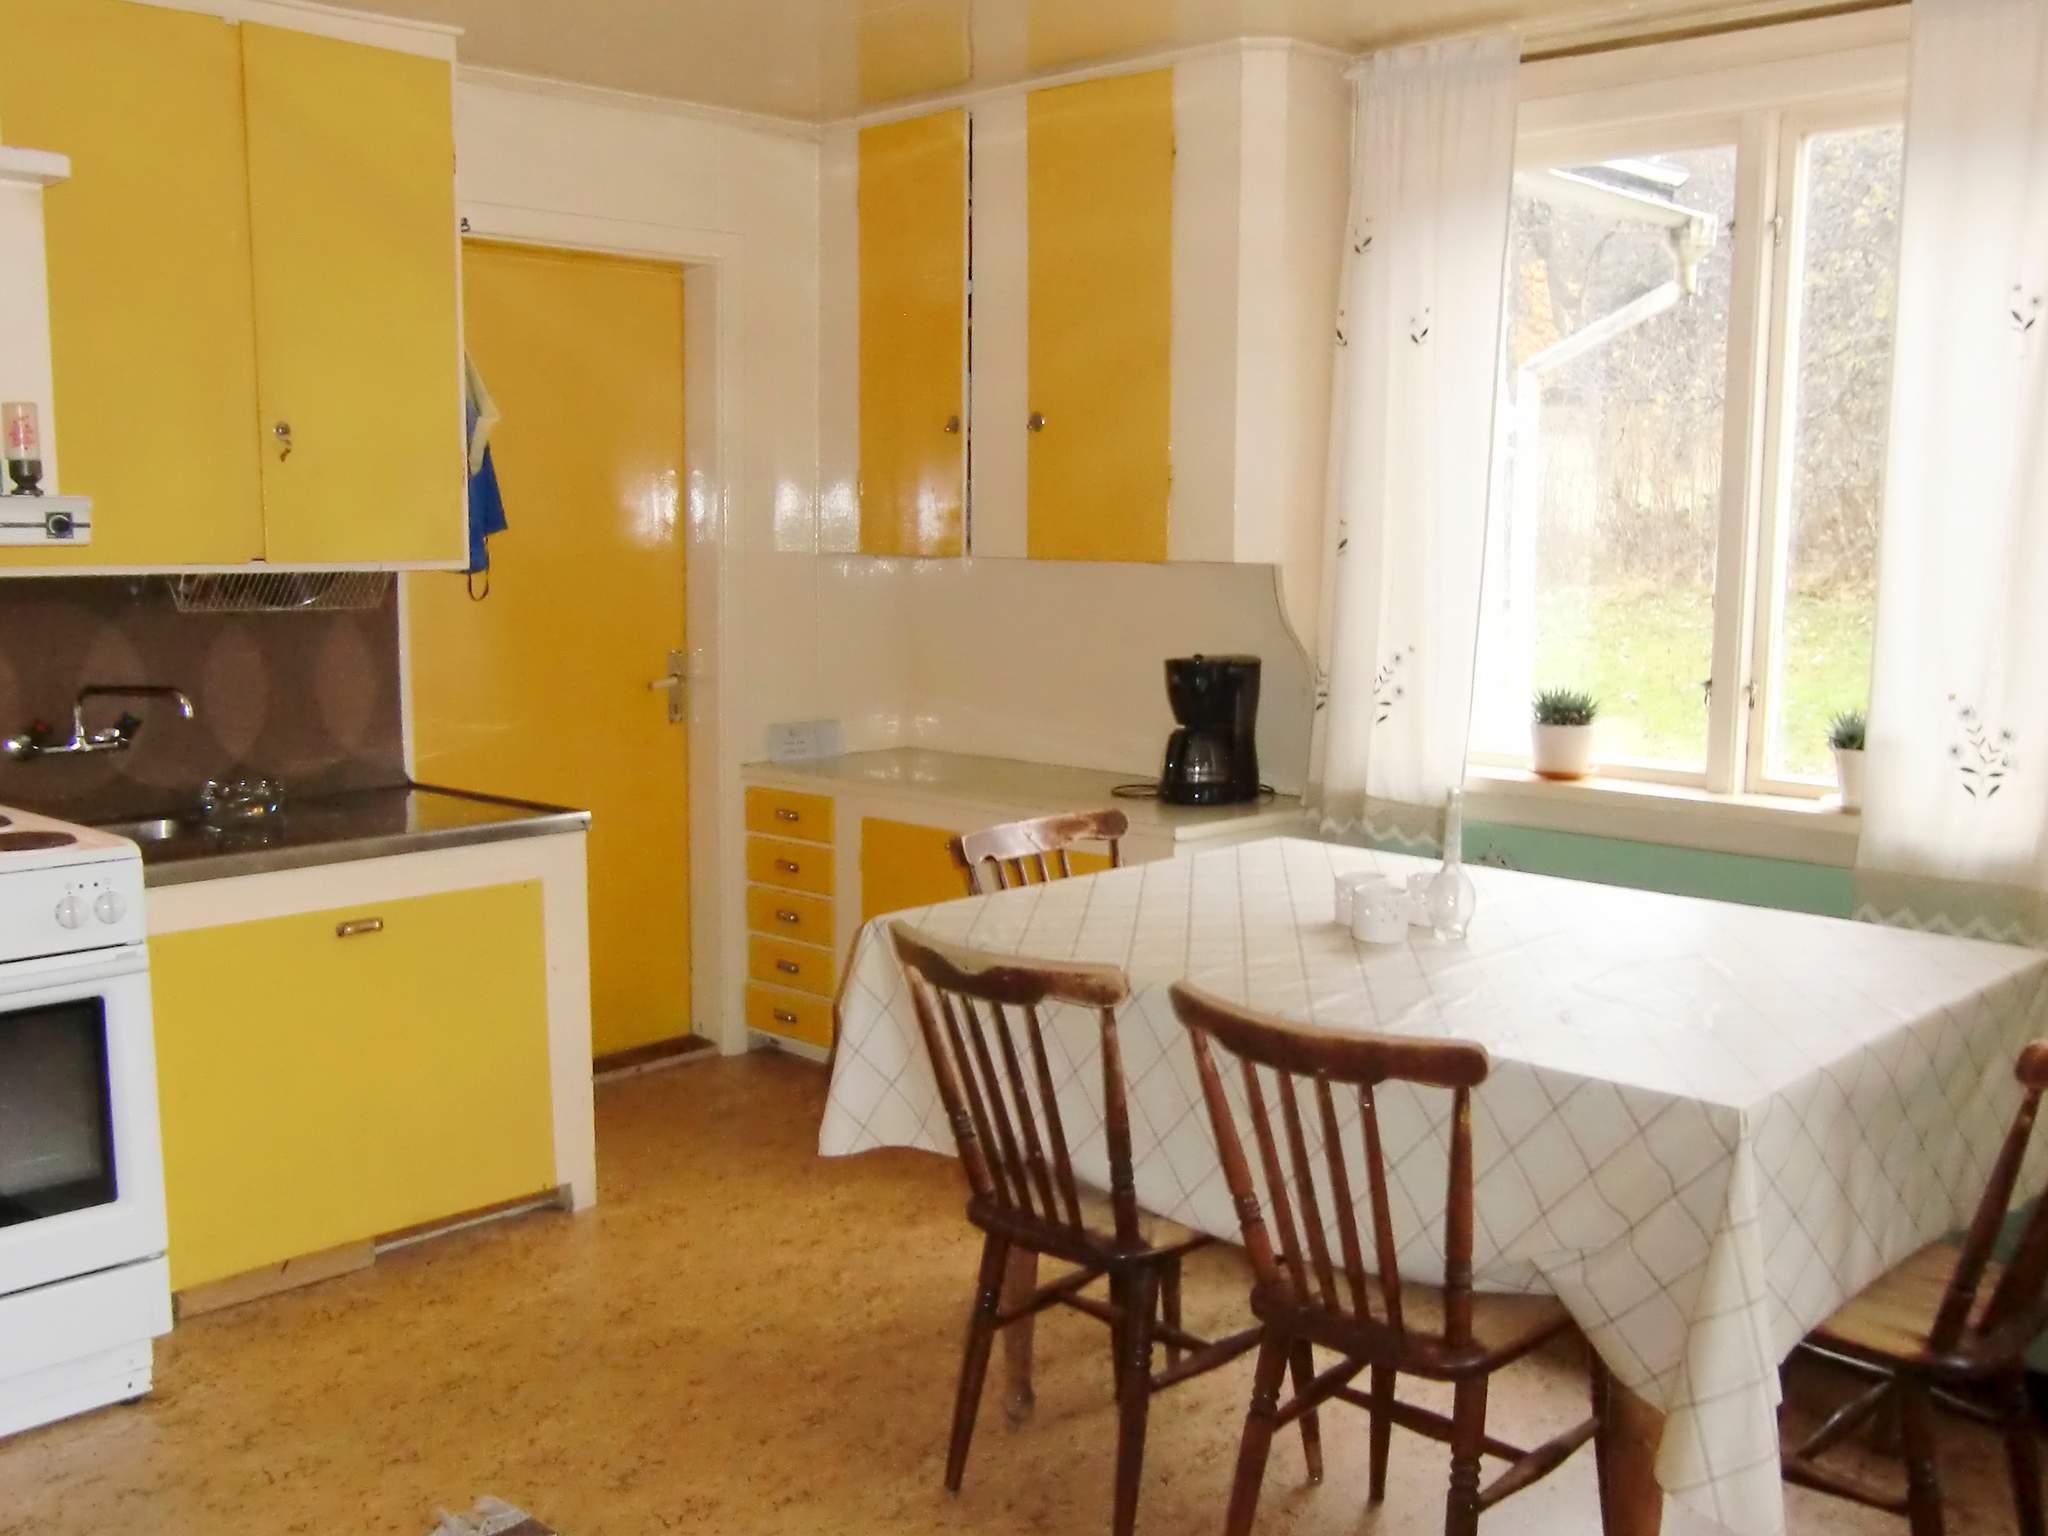 Ferienhaus Ambjörnarp (87120), Ambjörnarp, Västra Götaland län, Westschweden, Schweden, Bild 5